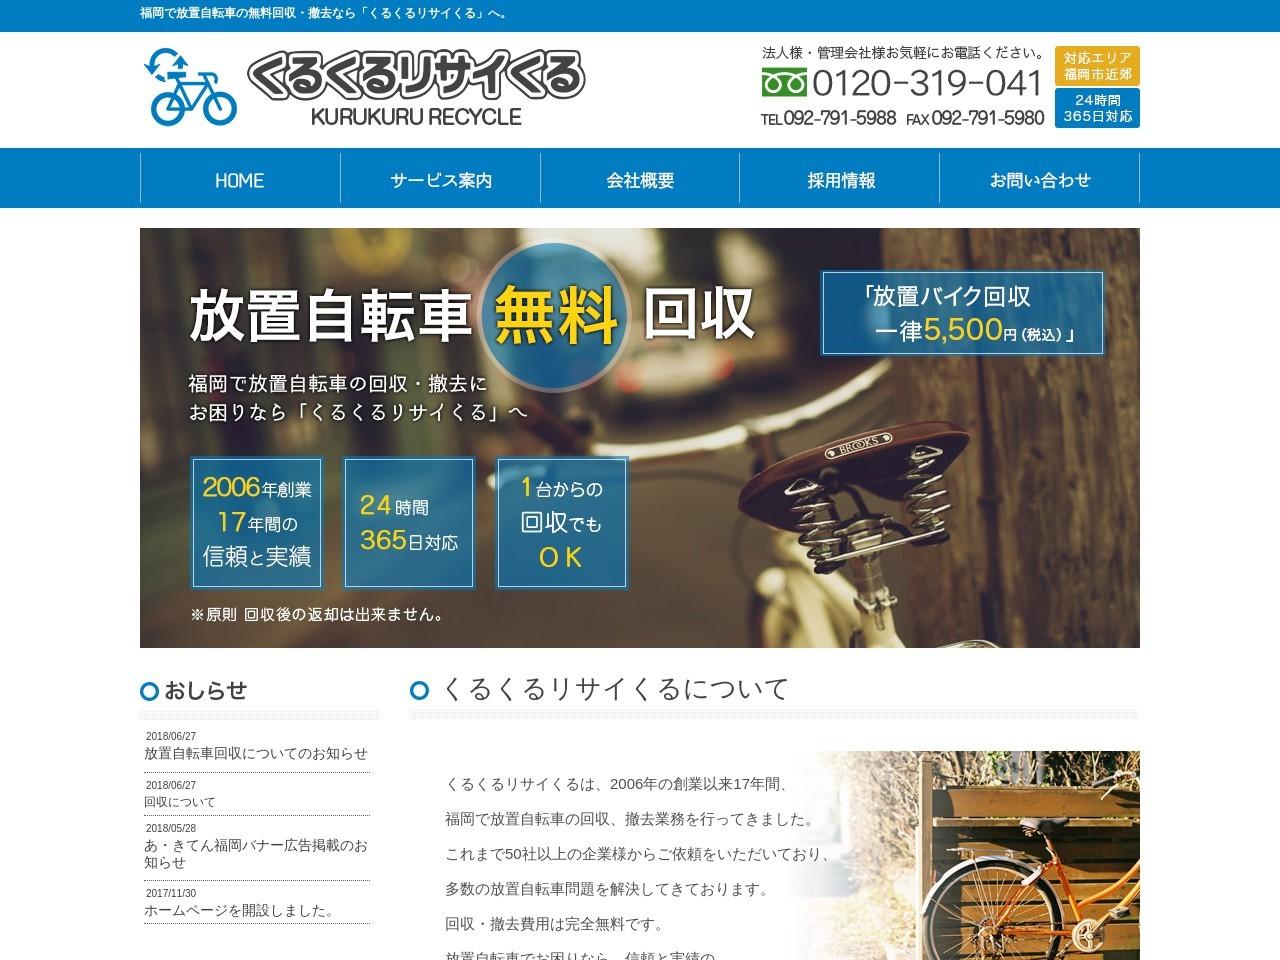 福岡 放置自転車の無料回収・撤去|くるくるリサイくる